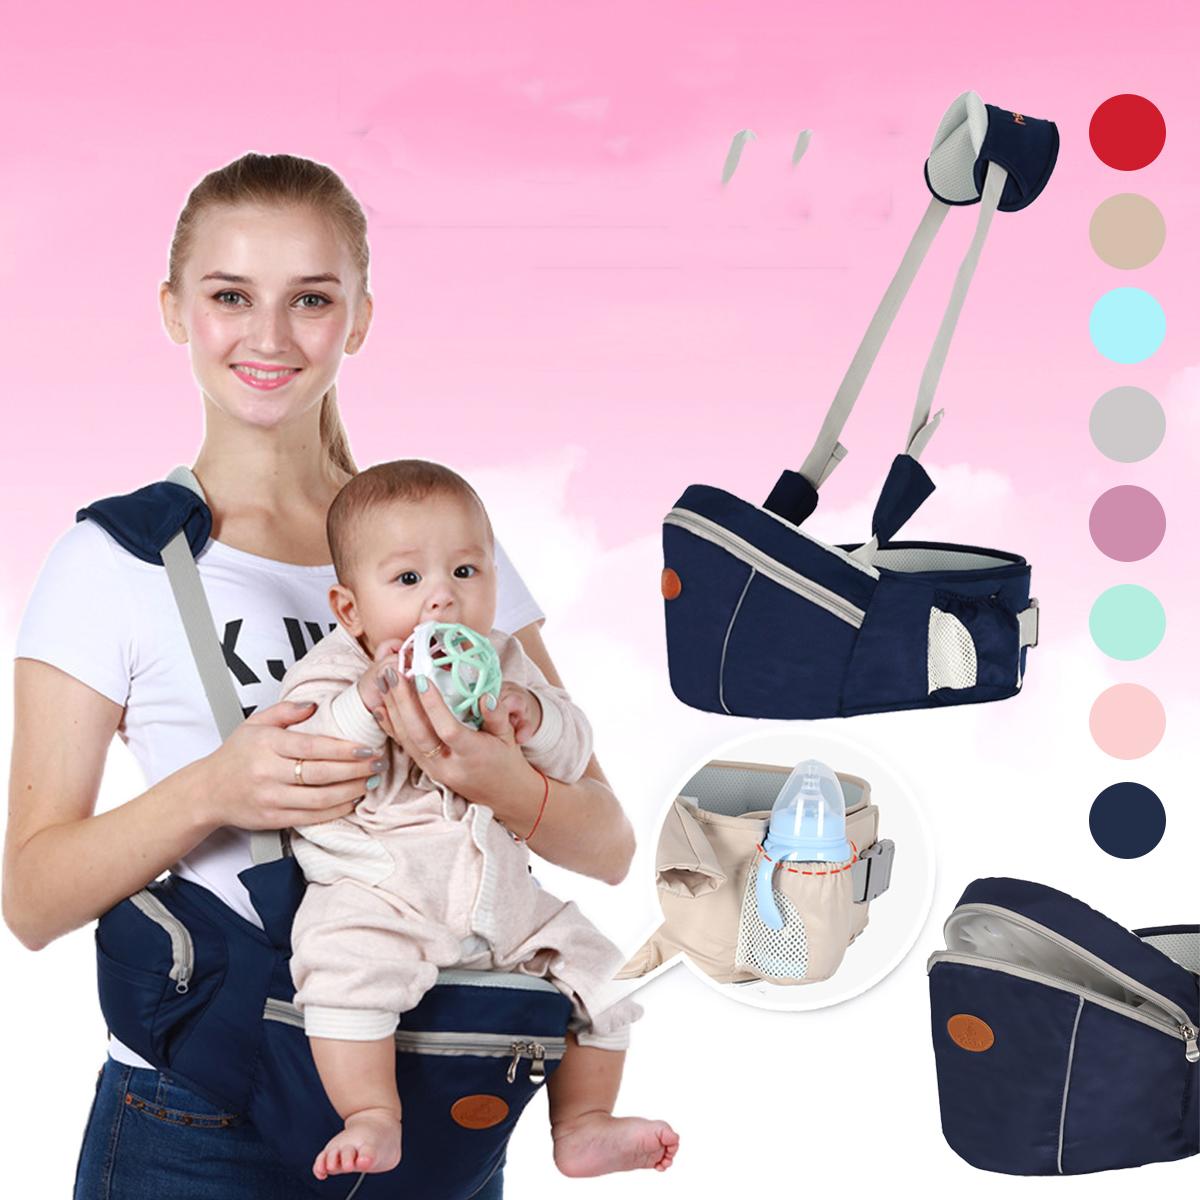 Детское бедро сиденье с талией Стул ходунки Младенческая слинг-трюм Ремень Рюкзак - фото 1